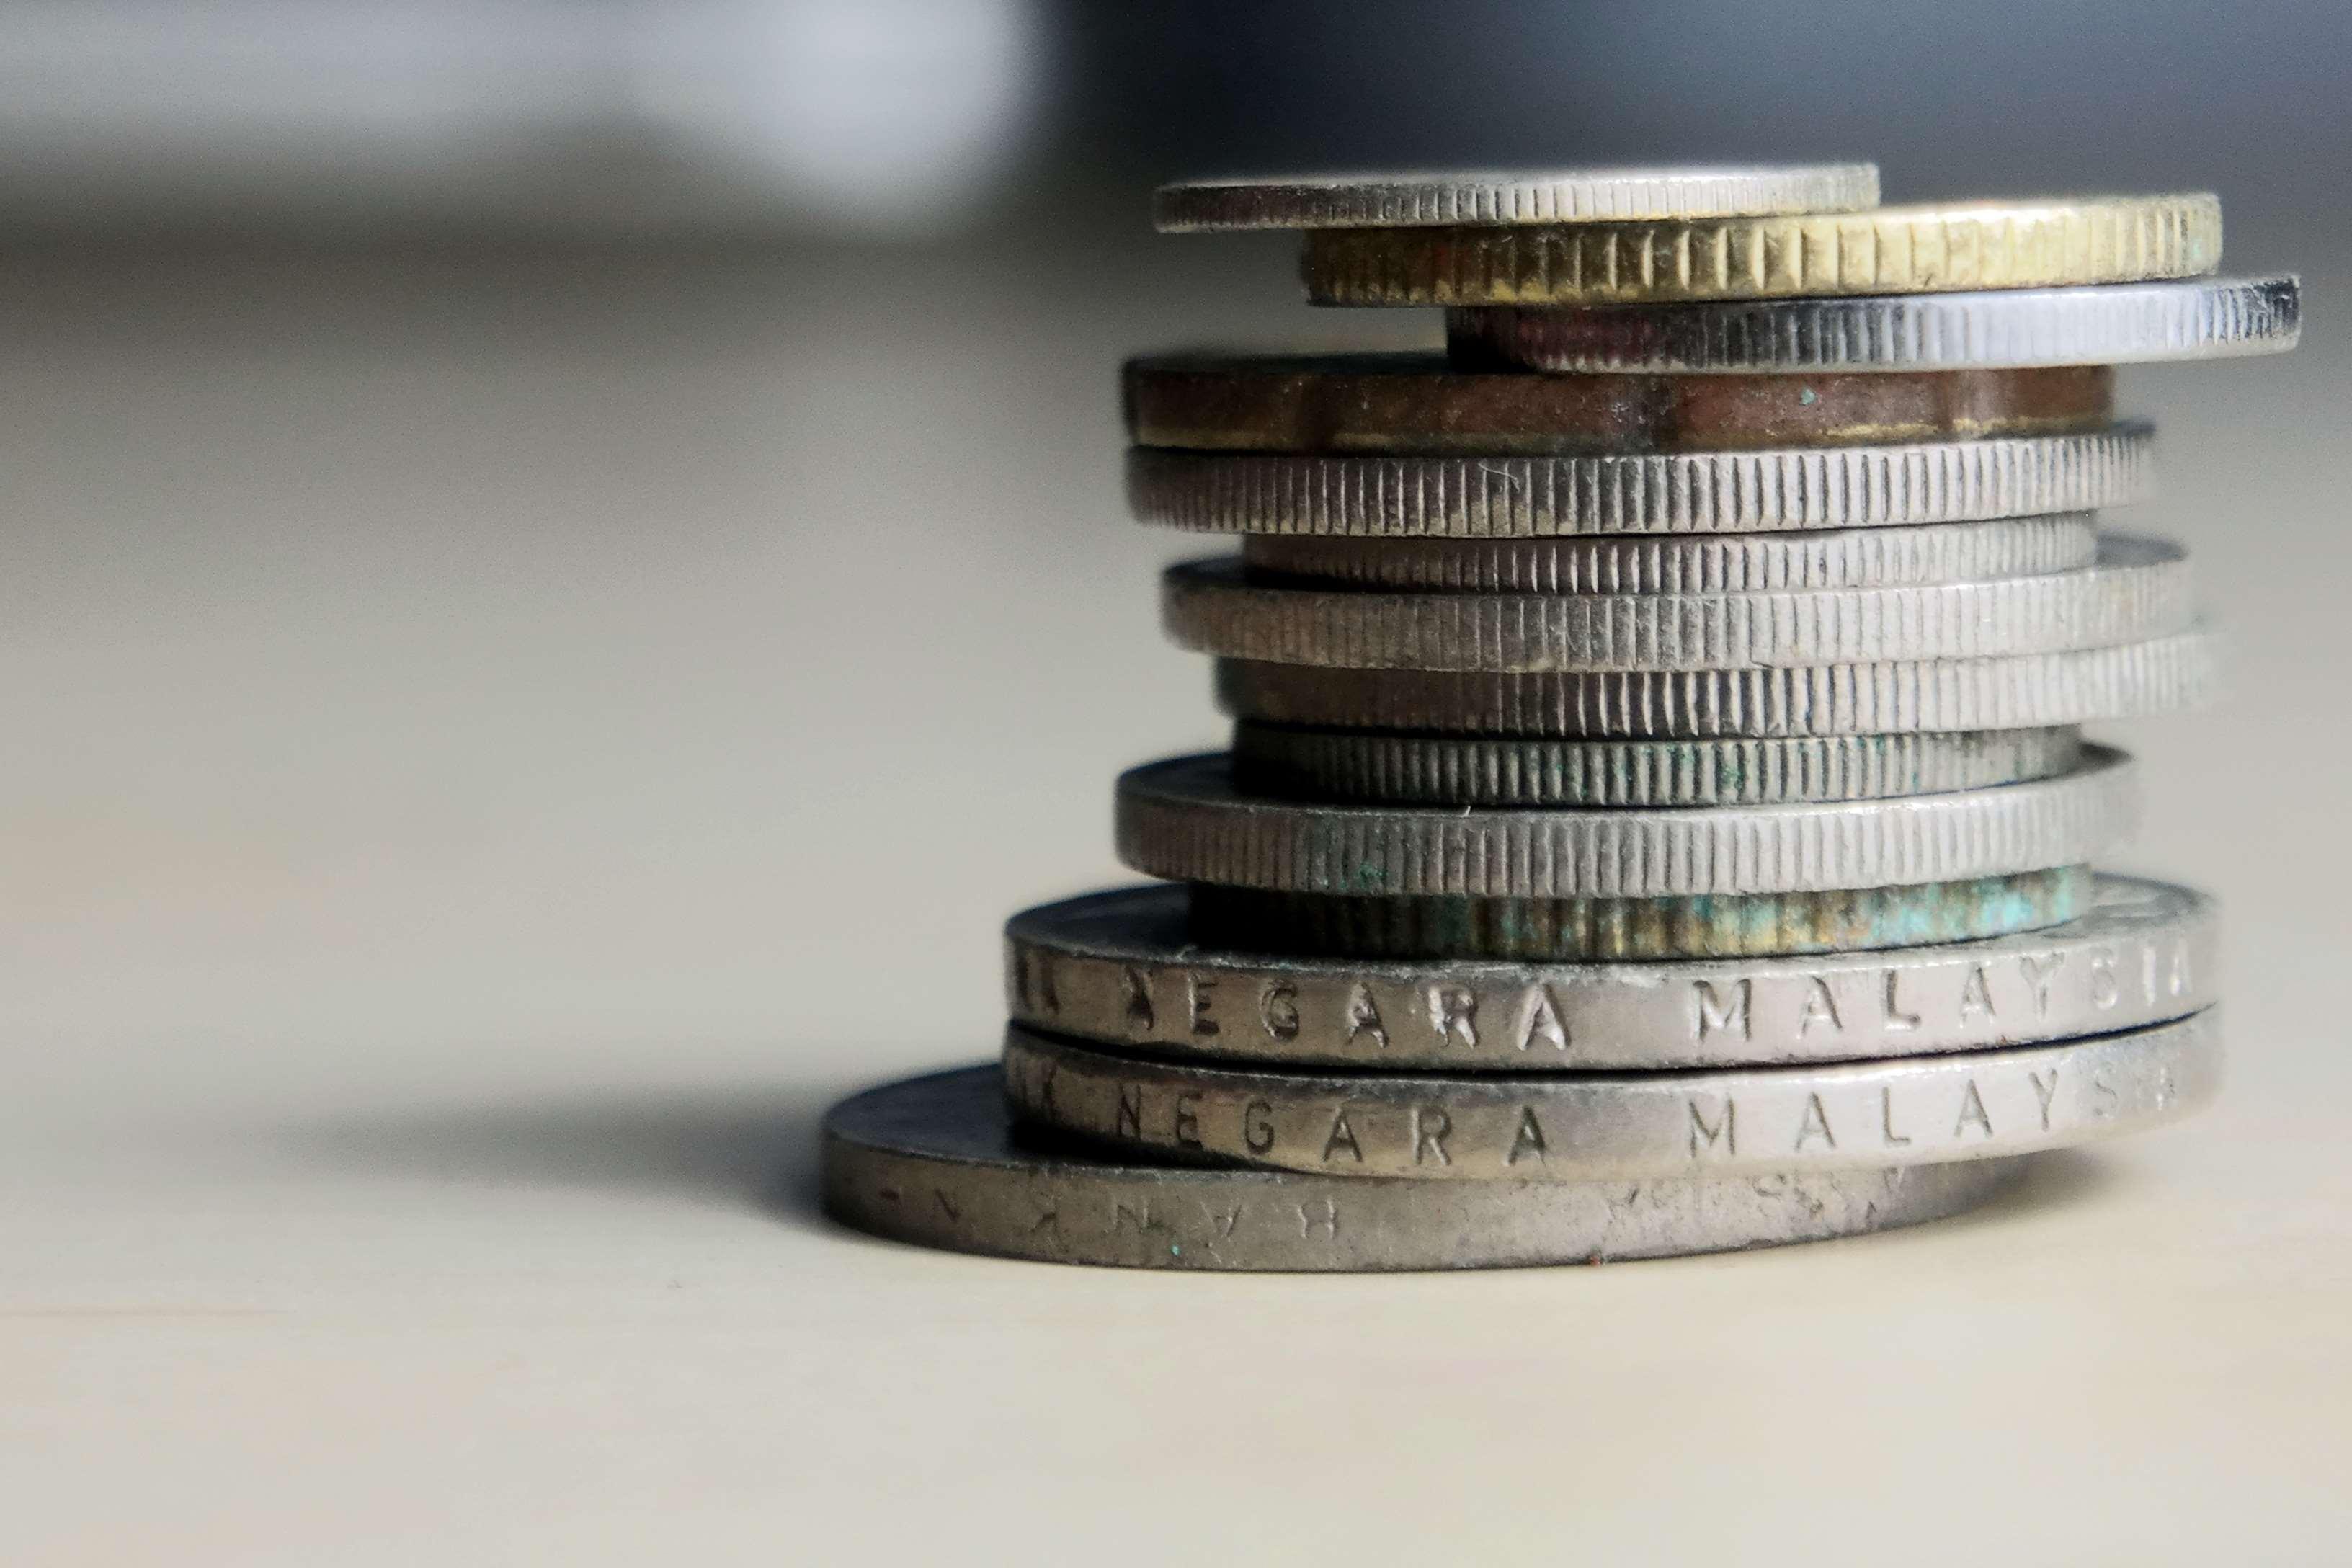 coins widescreen hd wallpaper 73909